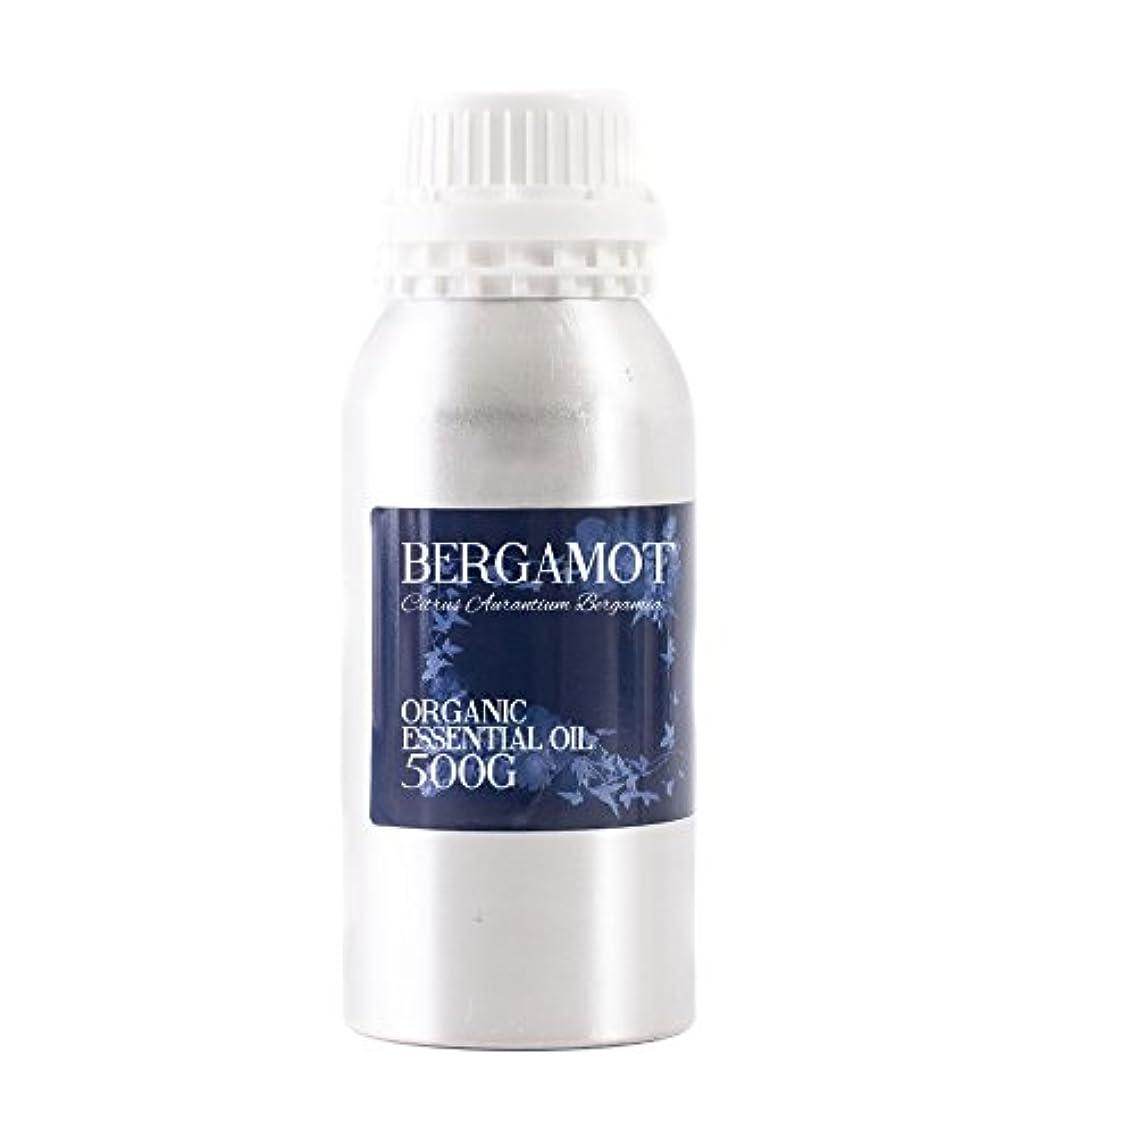 エトナ山放棄浸したMystic Moments | Bergamot Organic Essential Oil - 500g - 100% Pure